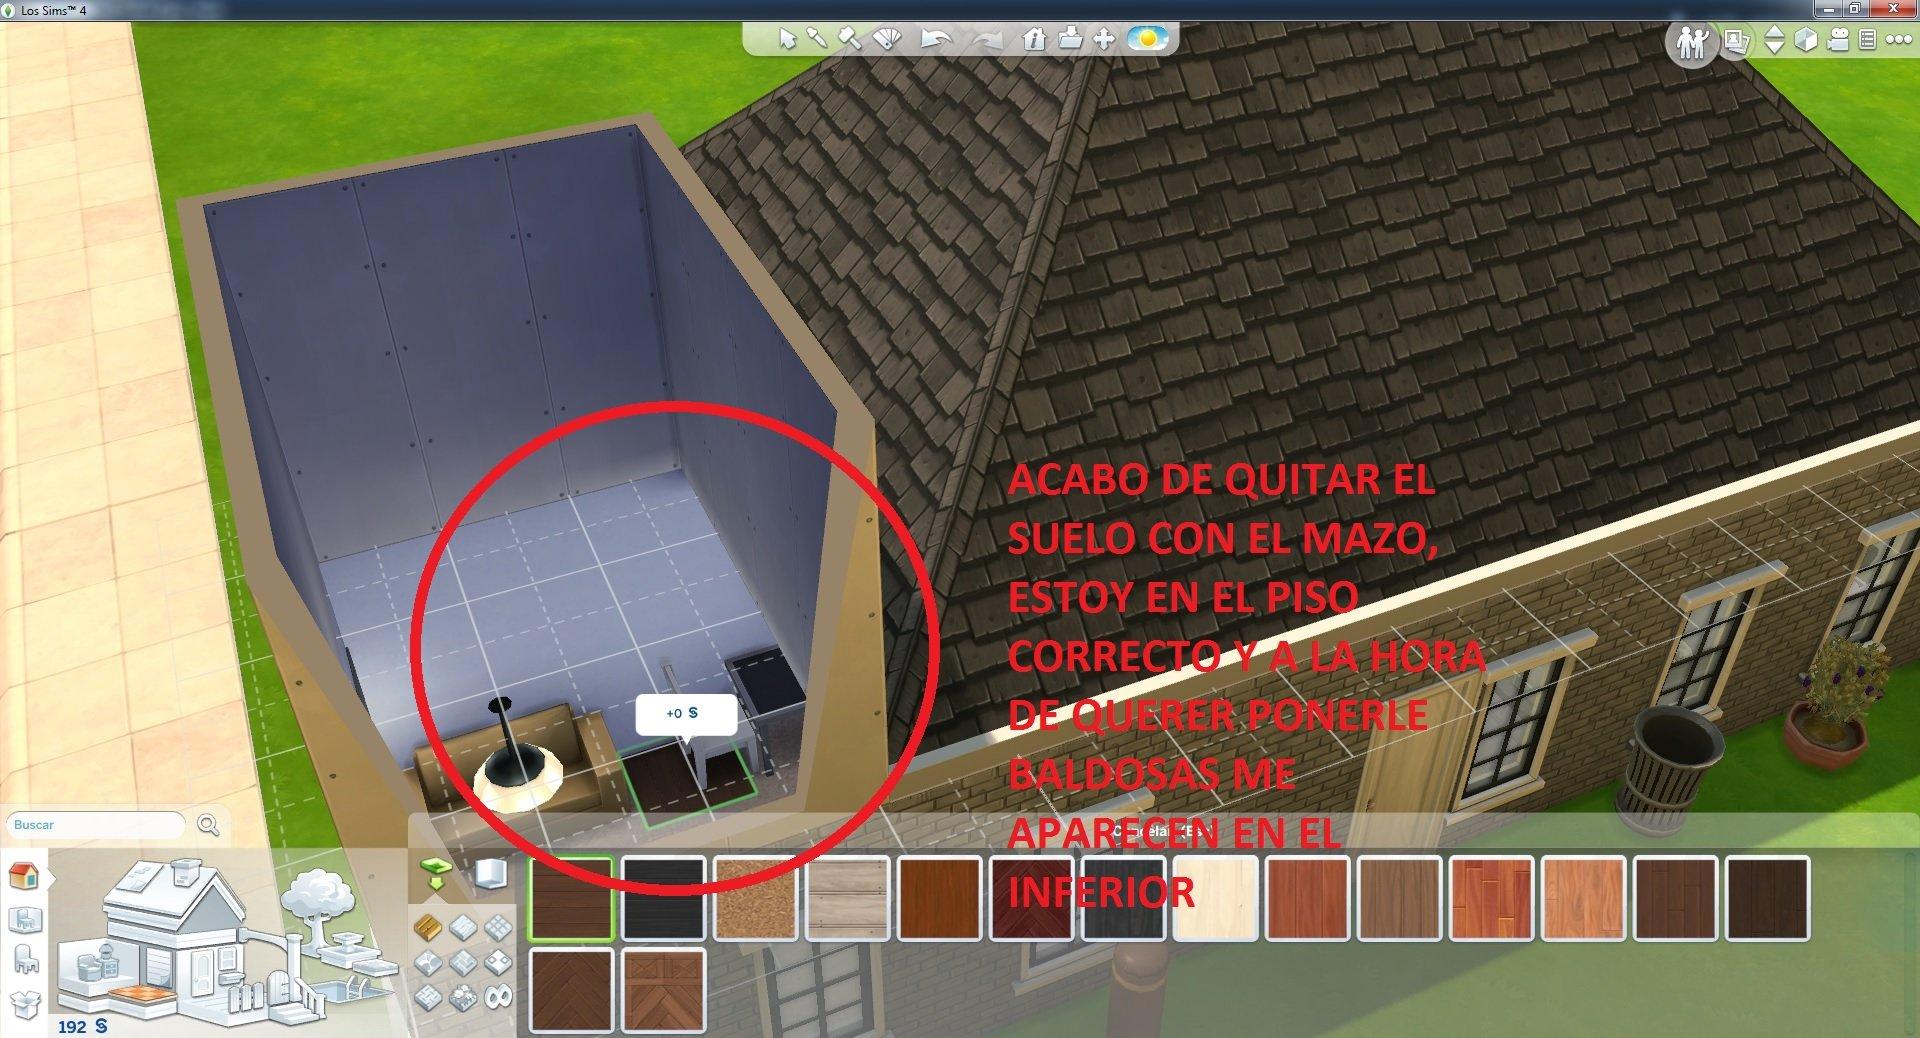 Colocar friso en techo cool mirar lo que me encontre - Friso en techo ...